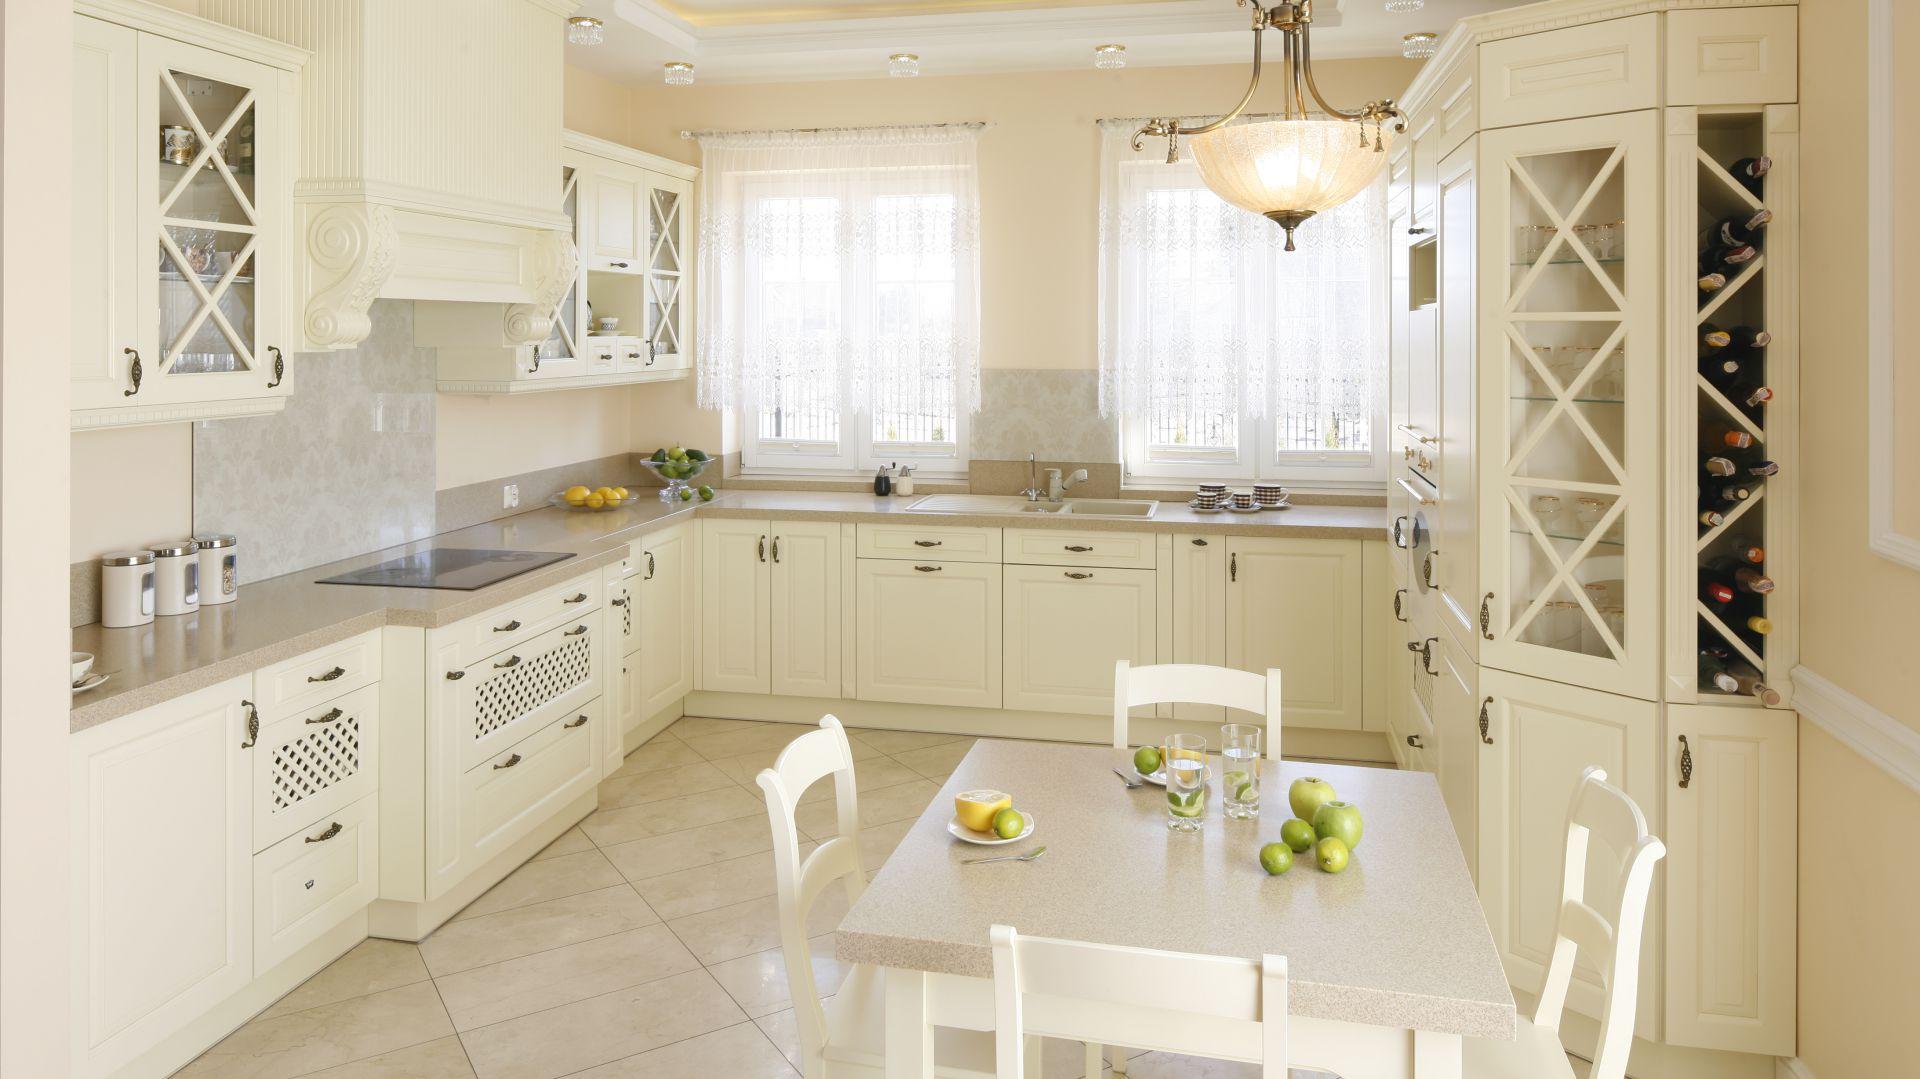 Kuchnia W Domu Jednorodzinnym 10 Projektów